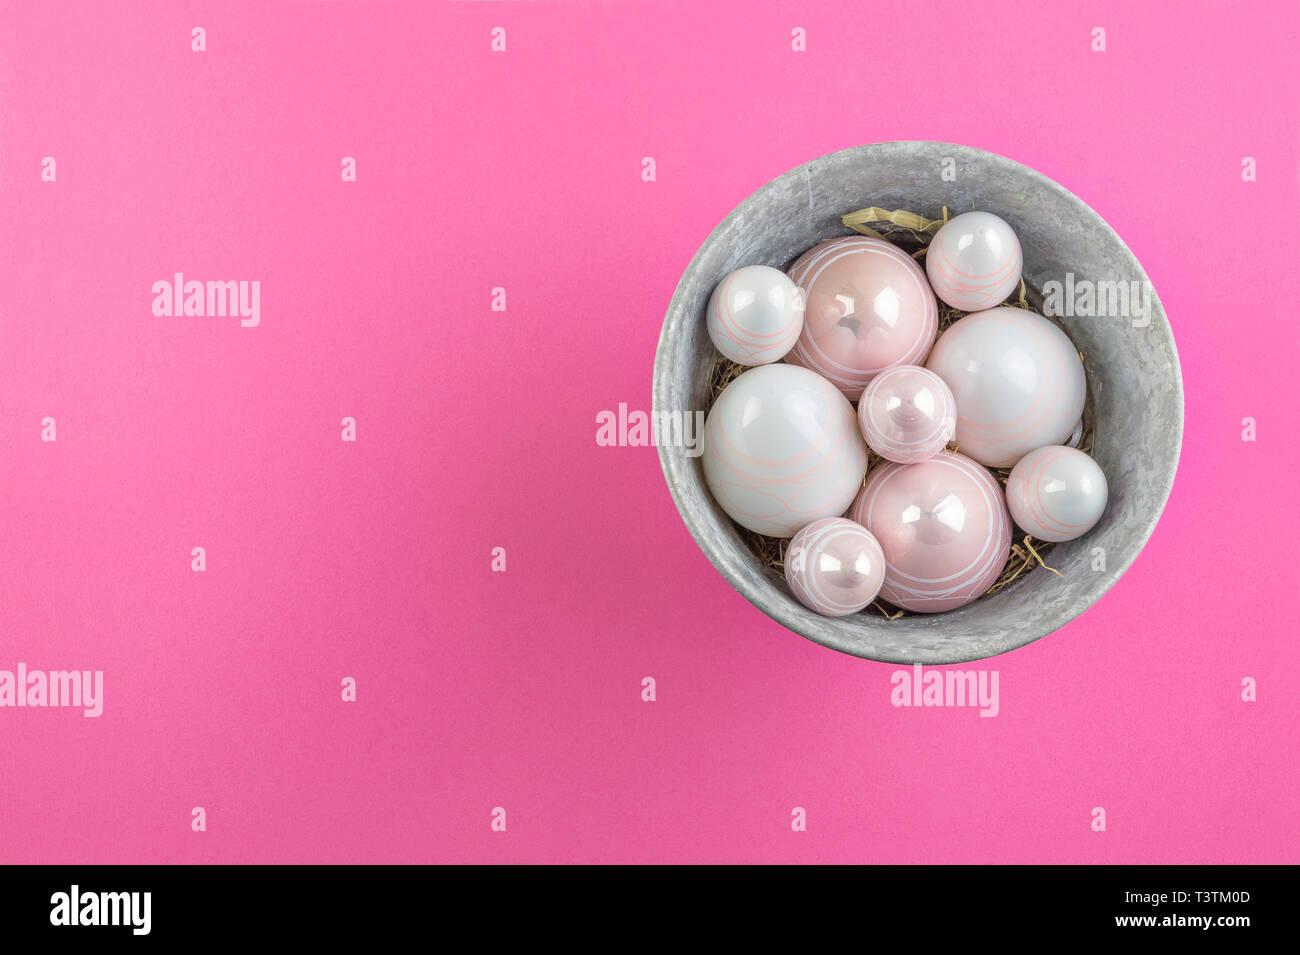 Rosa E Bianco Scintillante Di Uova Di Pasqua In Grigio Di Una Benna